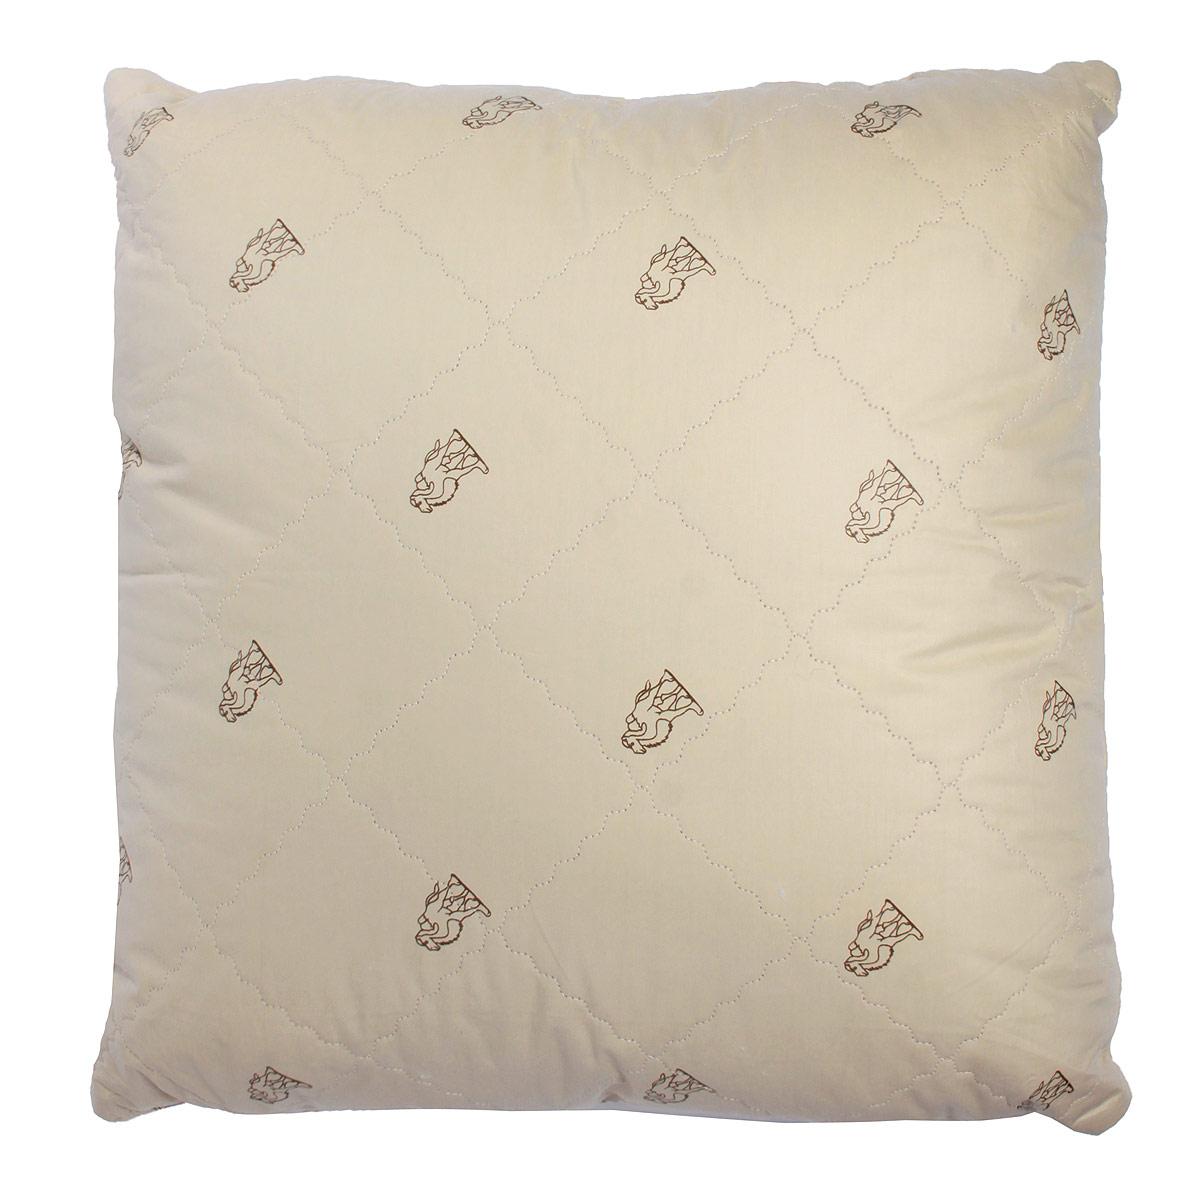 Подушка Verossa, наполнитель: верблюжья шерсть, 70 х 70 см170920Стеганый чехол подушки Verossa выполнен из натуральной хлопковой ткани бежевого цвета. Чехол продублирован пластом из верблюжьей шерсти. Основной наполнитель подушки - искусственный лебяжий пух. Наполнитель обладает высокой гигроскопичностью, создавая эффект сухого тепла. Волокна верблюжьей шерсти полые внутри, образуют пласт, содержащий множество воздушных кармашков, которые равномерно сохраняют и распределяют тепло, обеспечивая естественную терморегуляцию в жару и холод. Верблюжья шерсть обладает рядом уникальных лечебных свойств, благодаря которым расширяются сосуды, усиливается микроциркуляция крови. Шерсть снимает статическое напряжение, благоприятно воздействует на опорно-двигательный аппарат. Подушка, выстеганная оригинальным узором Барханы, украсит ваш дом и подарит наслаждение от отдыха. Подушка упакована в прозрачный пластиковый чехол на змейке с ручкой, что является чрезвычайно удобным при переноске. Характеристики: ...